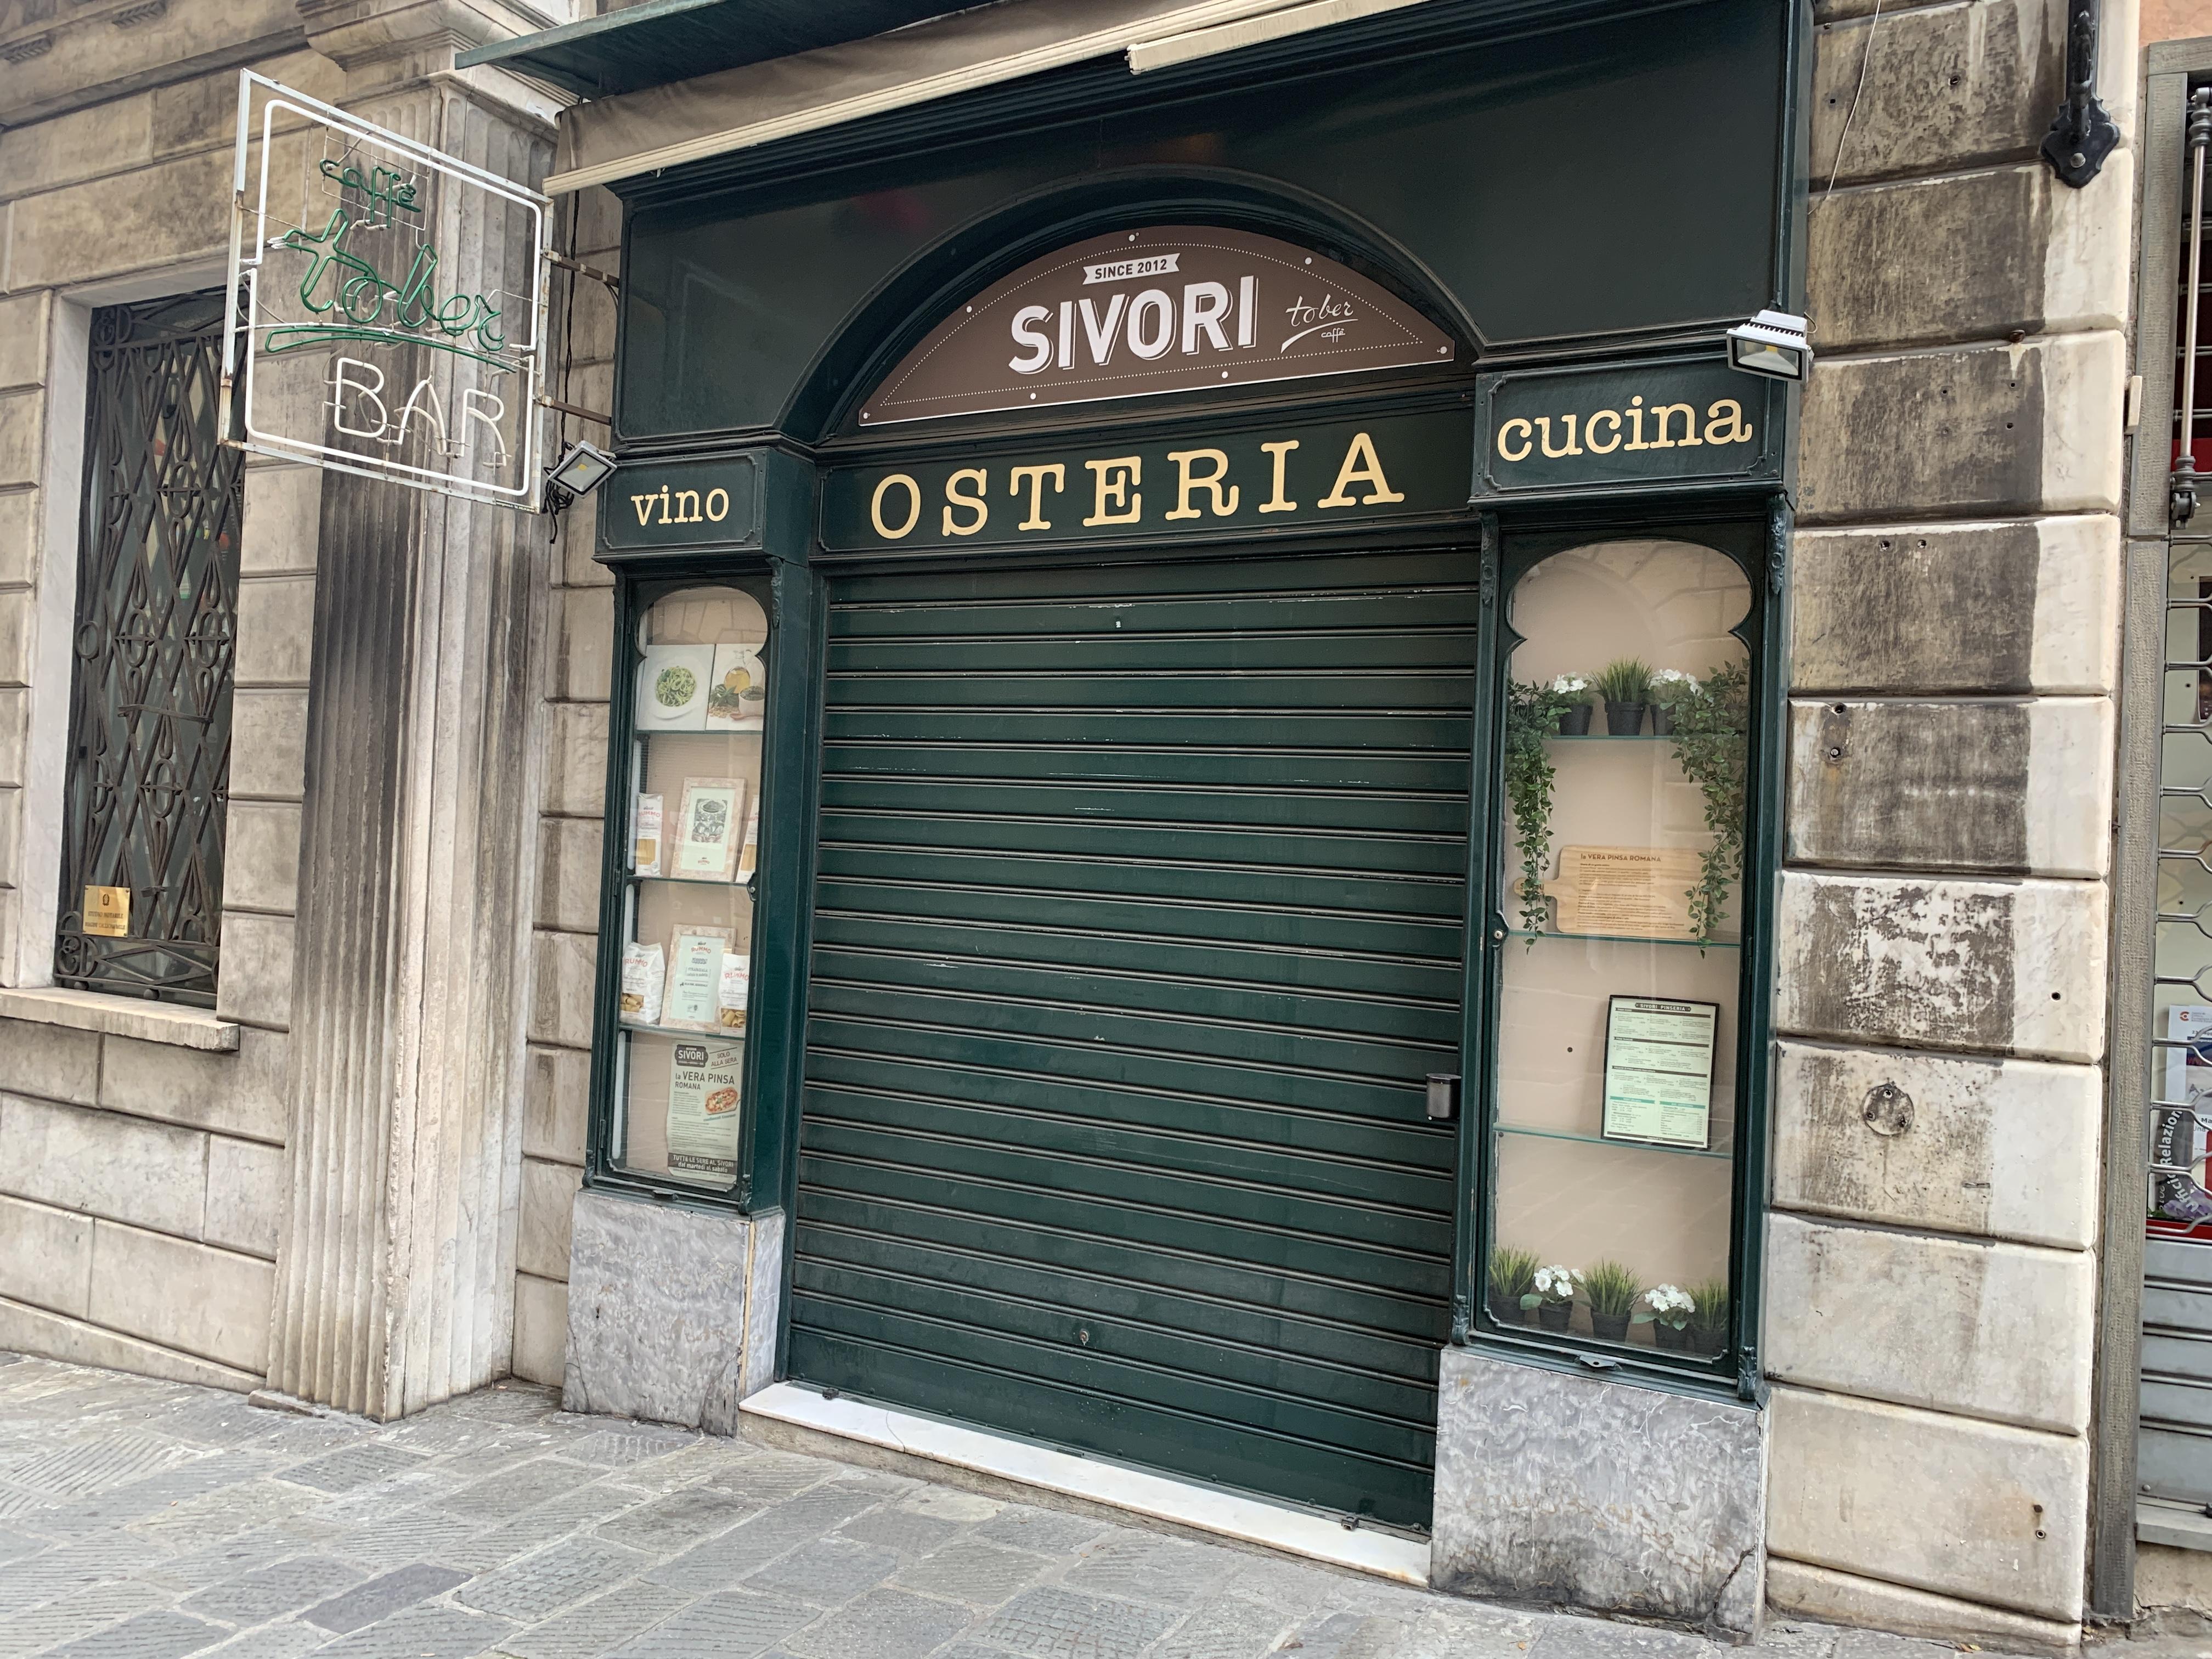 Immobile ad uso bar, ubicato in Genova - Salita di Santa Caterina civico 48R